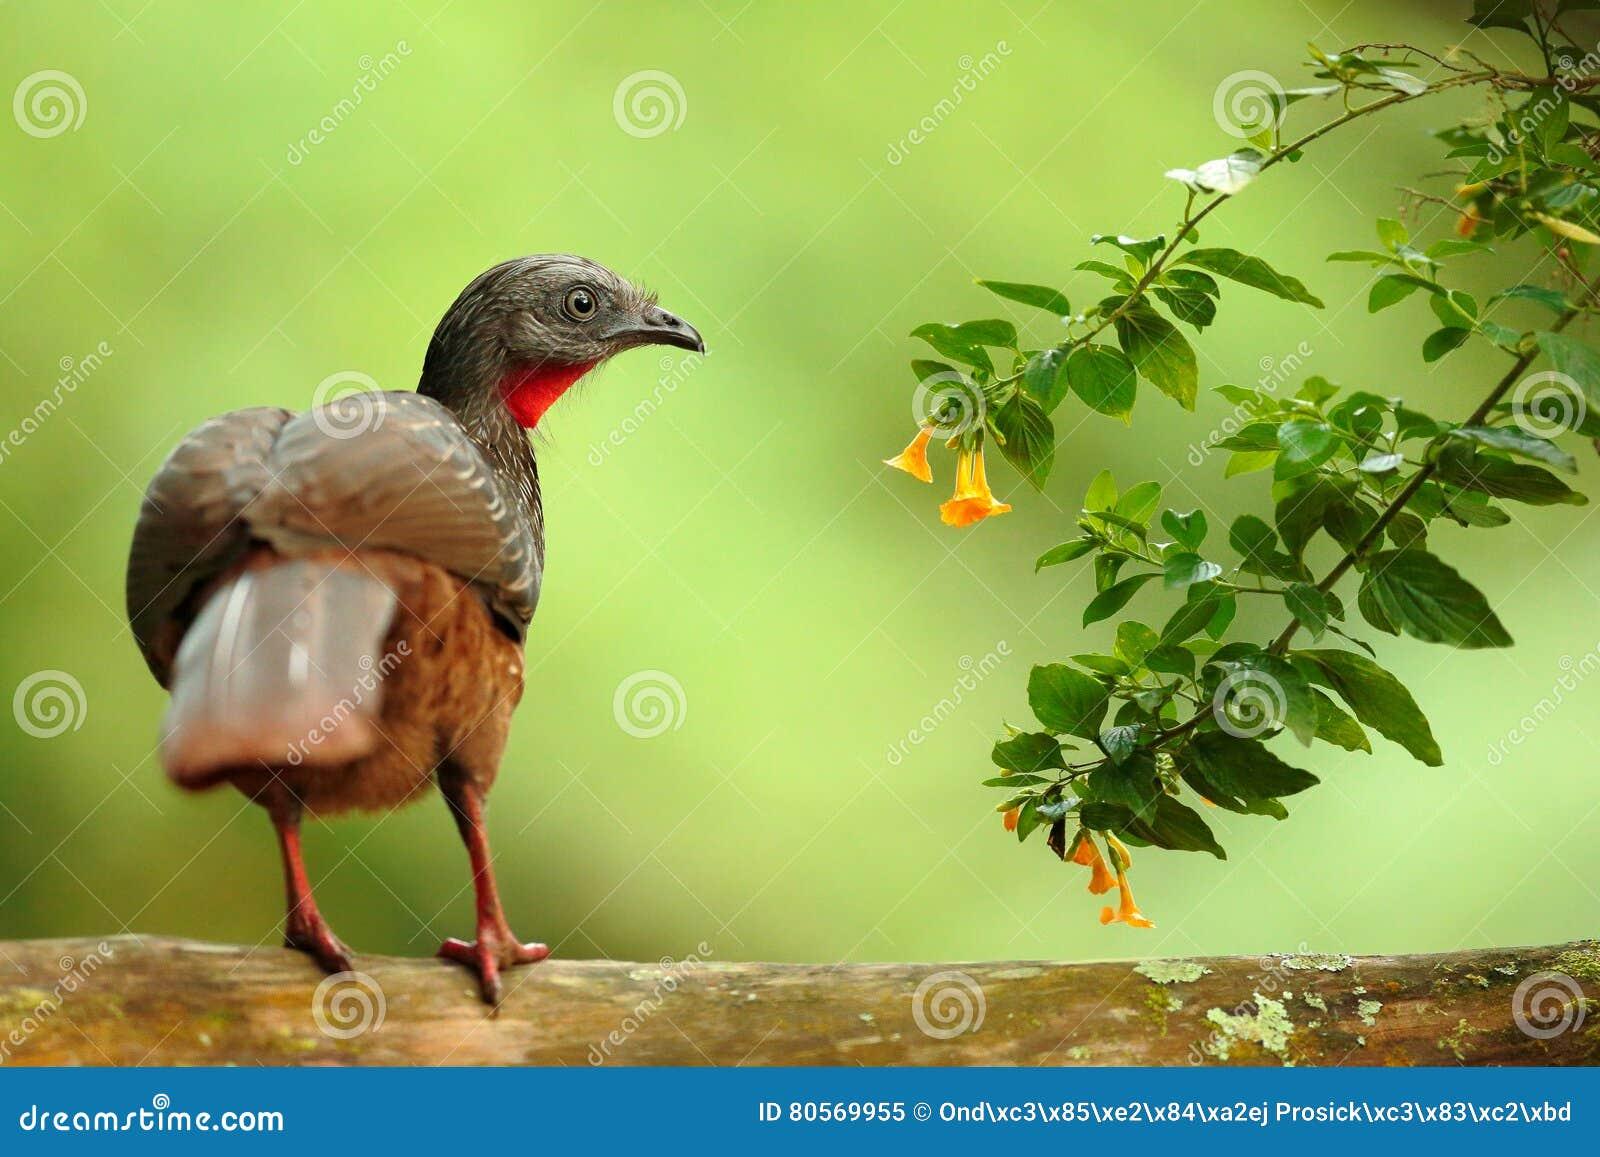 带被盯梢的管国,绣花底布argyrotis,从黑暗的森林圣玛尔塔山,哥伦比亚的稀有人物 鸟的监视人在南美 双